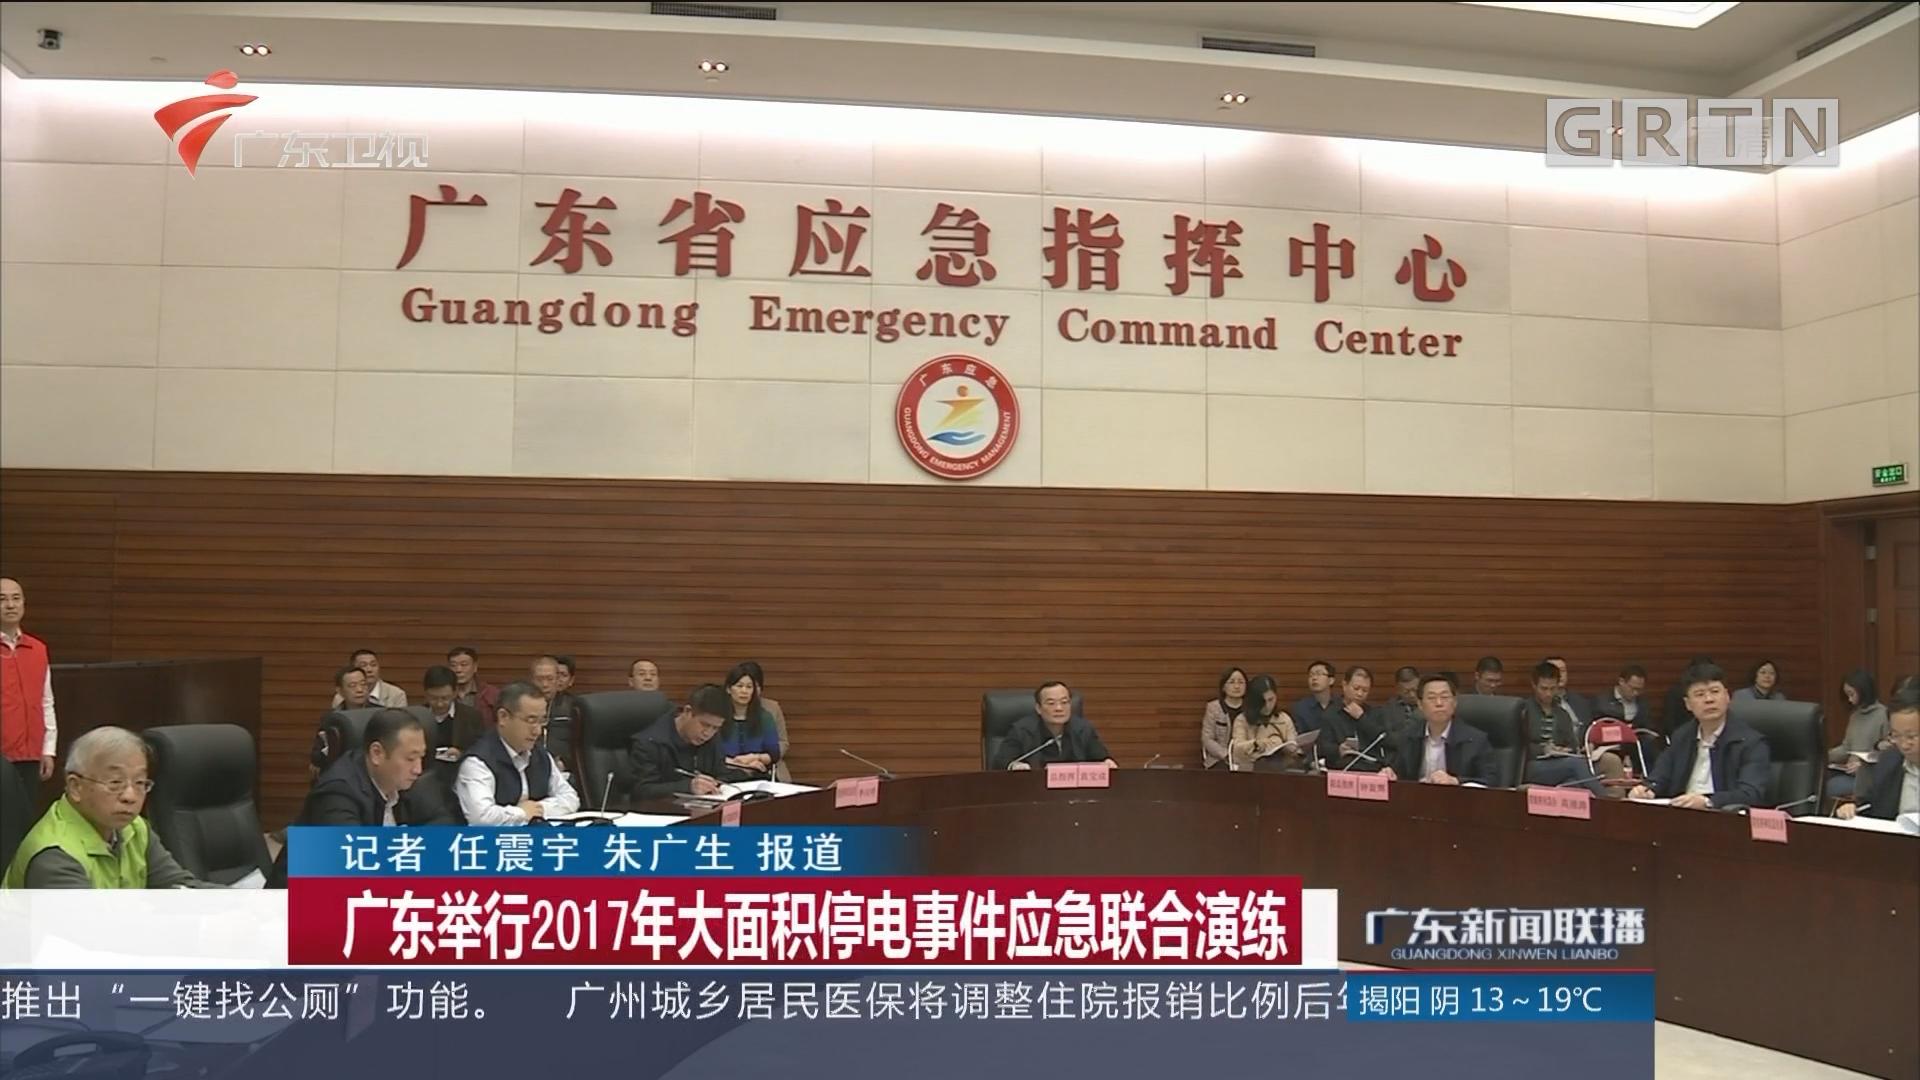 广东举行2017年大面积停电事件应急联合演练